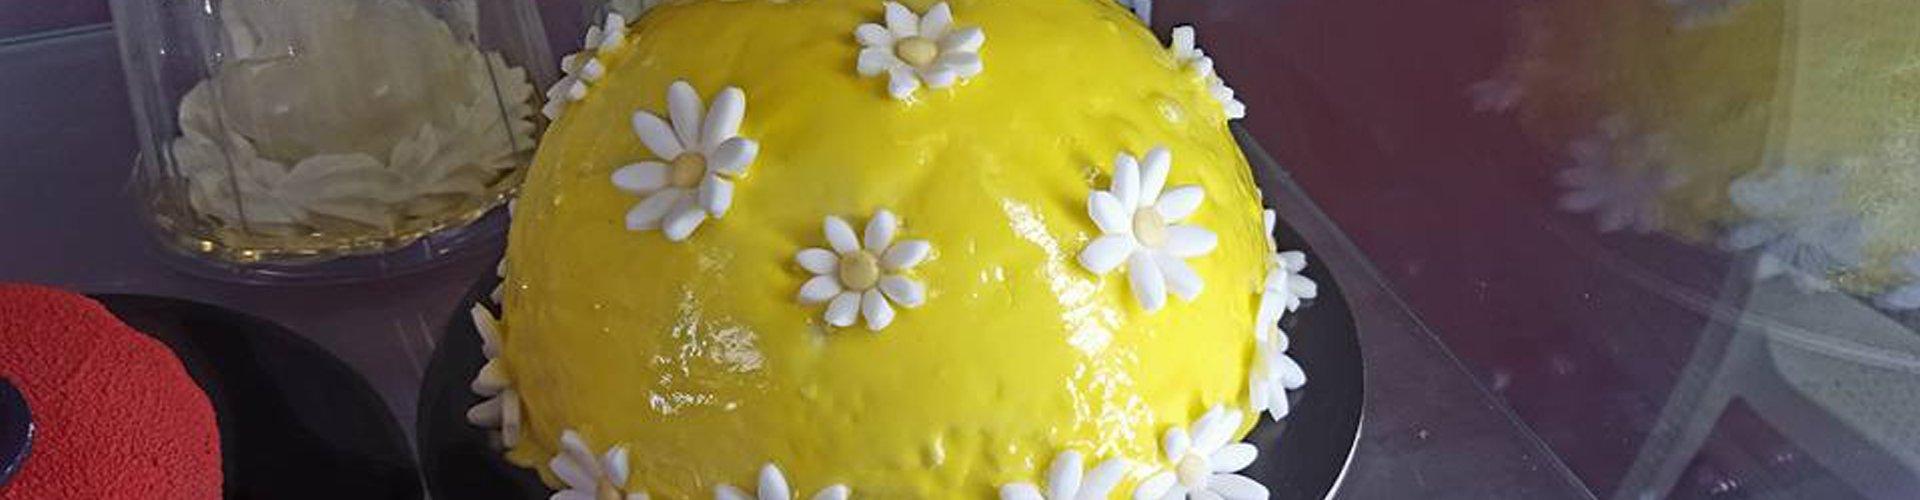 torta al limone con fiori di zucchero